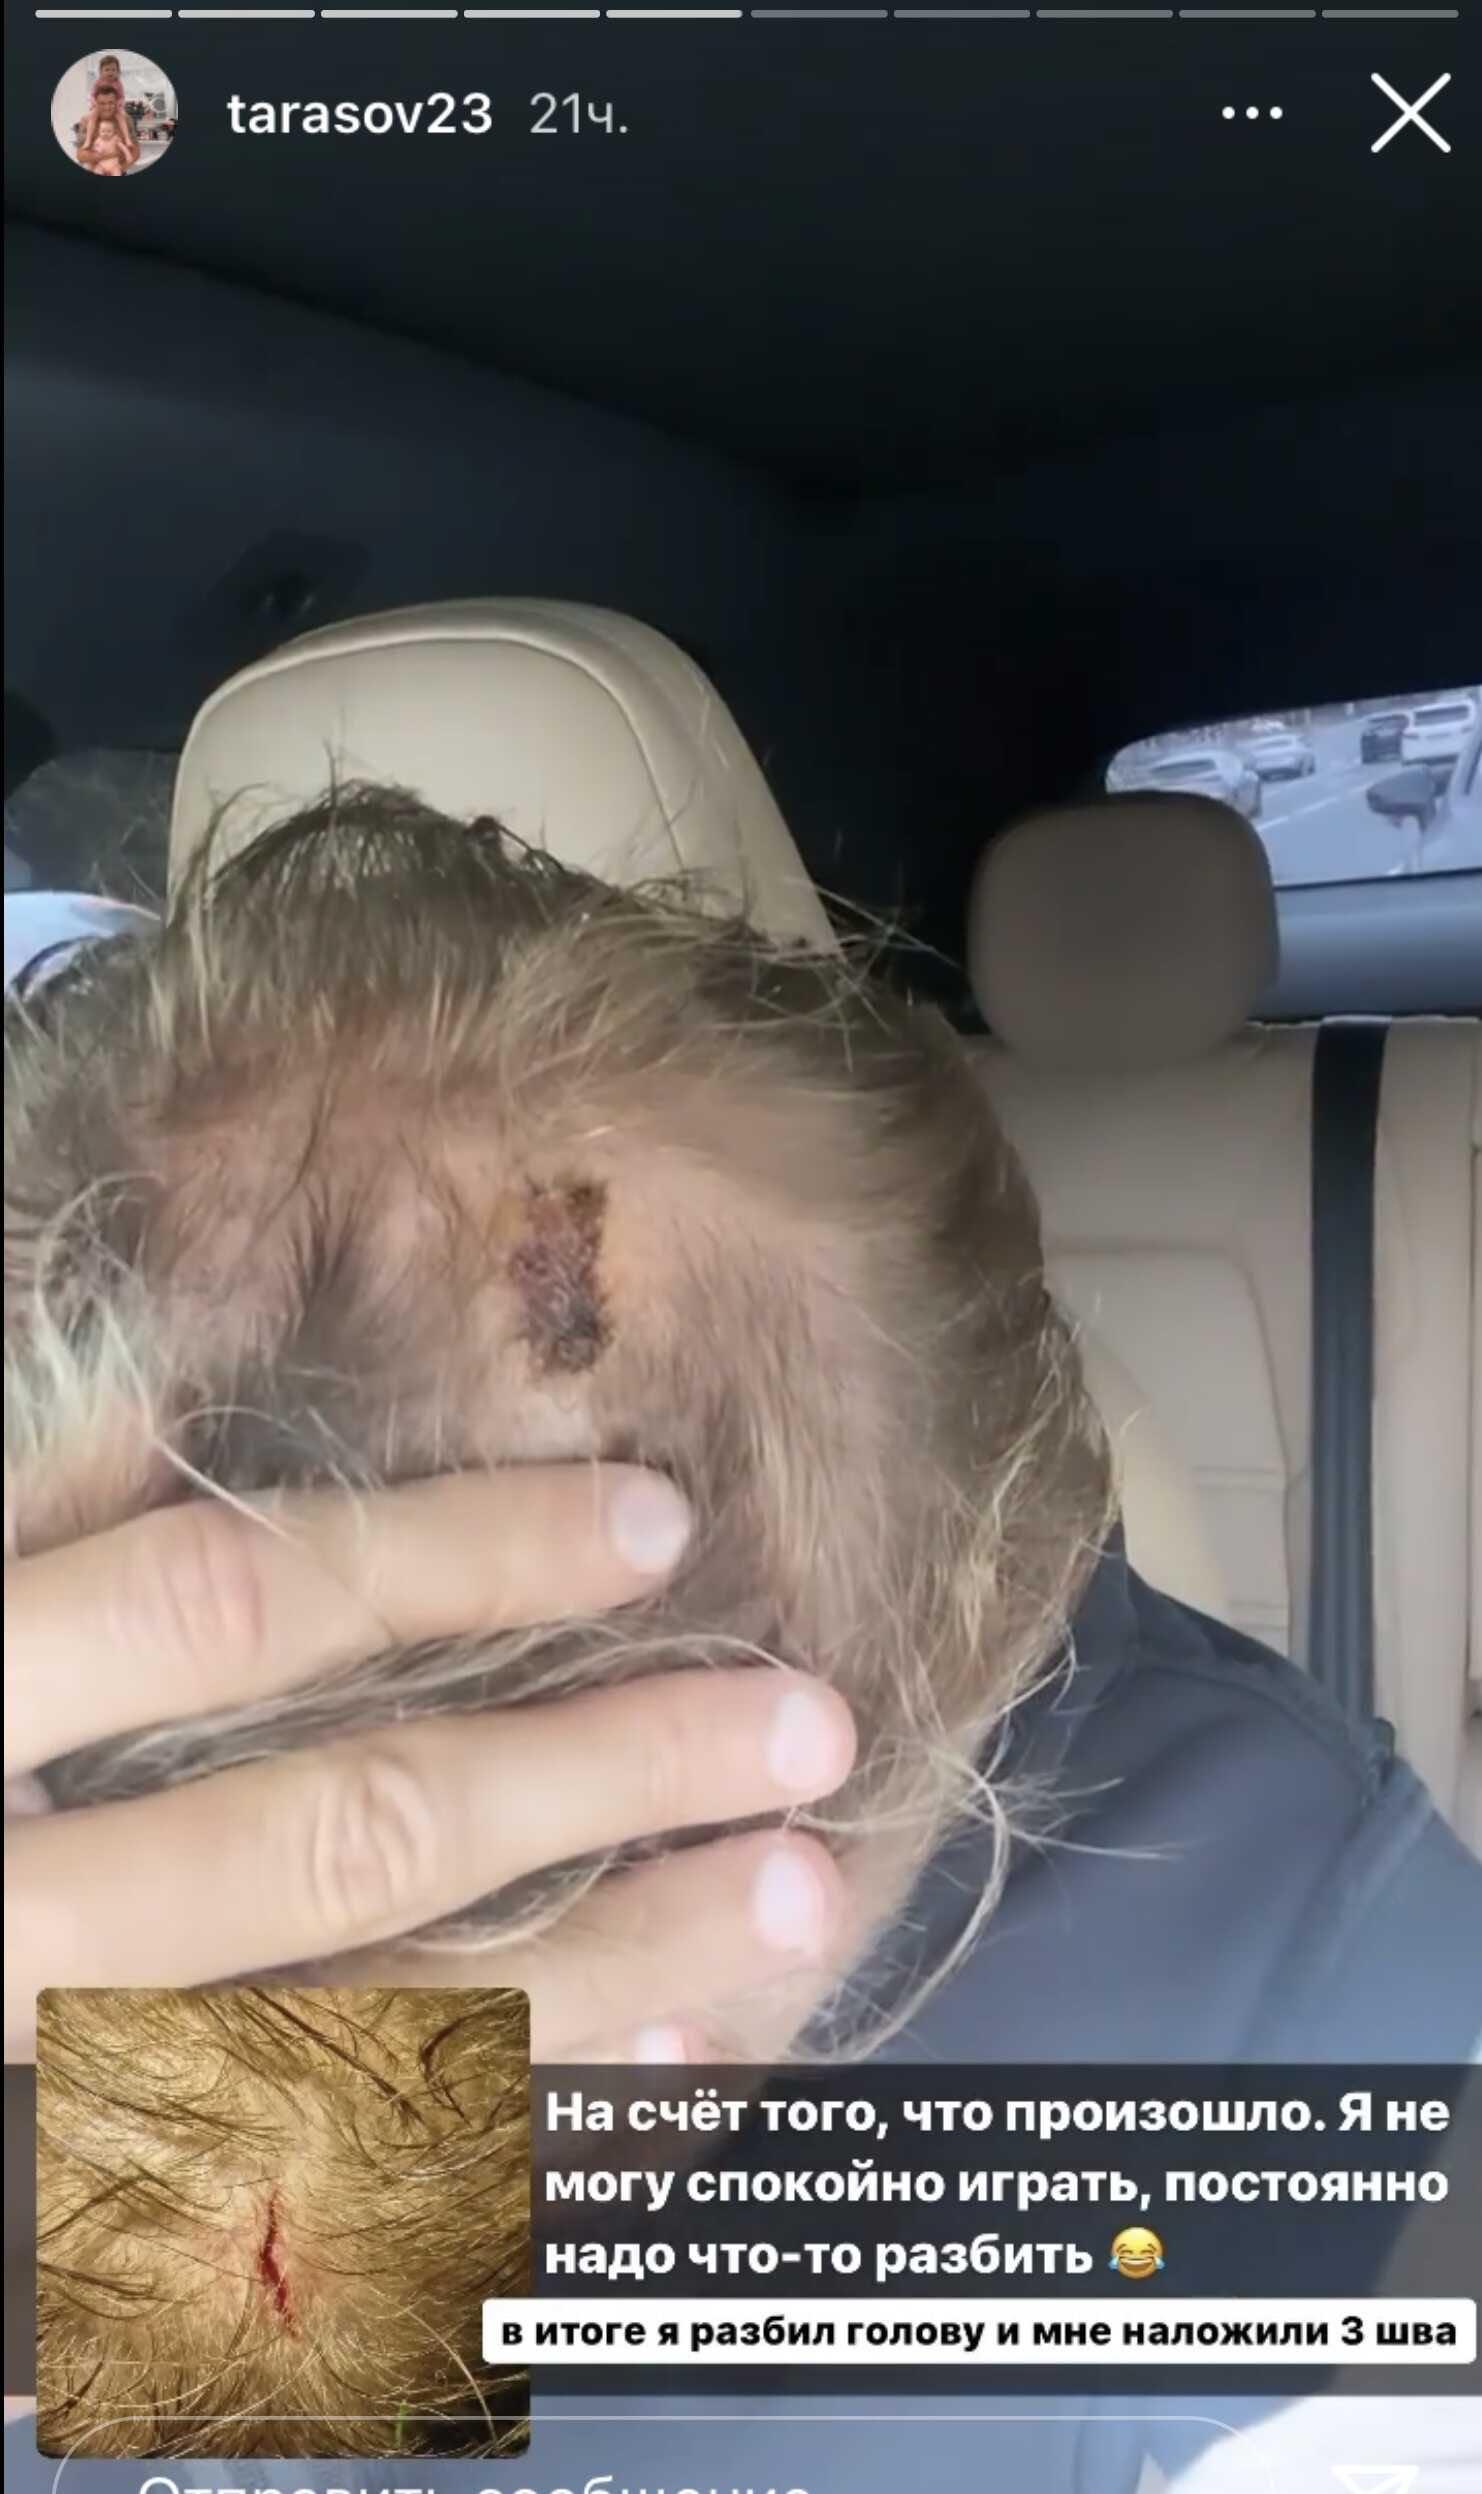 Дмитрий Тарасов разбил голову во время своего первого матча в новом клубе